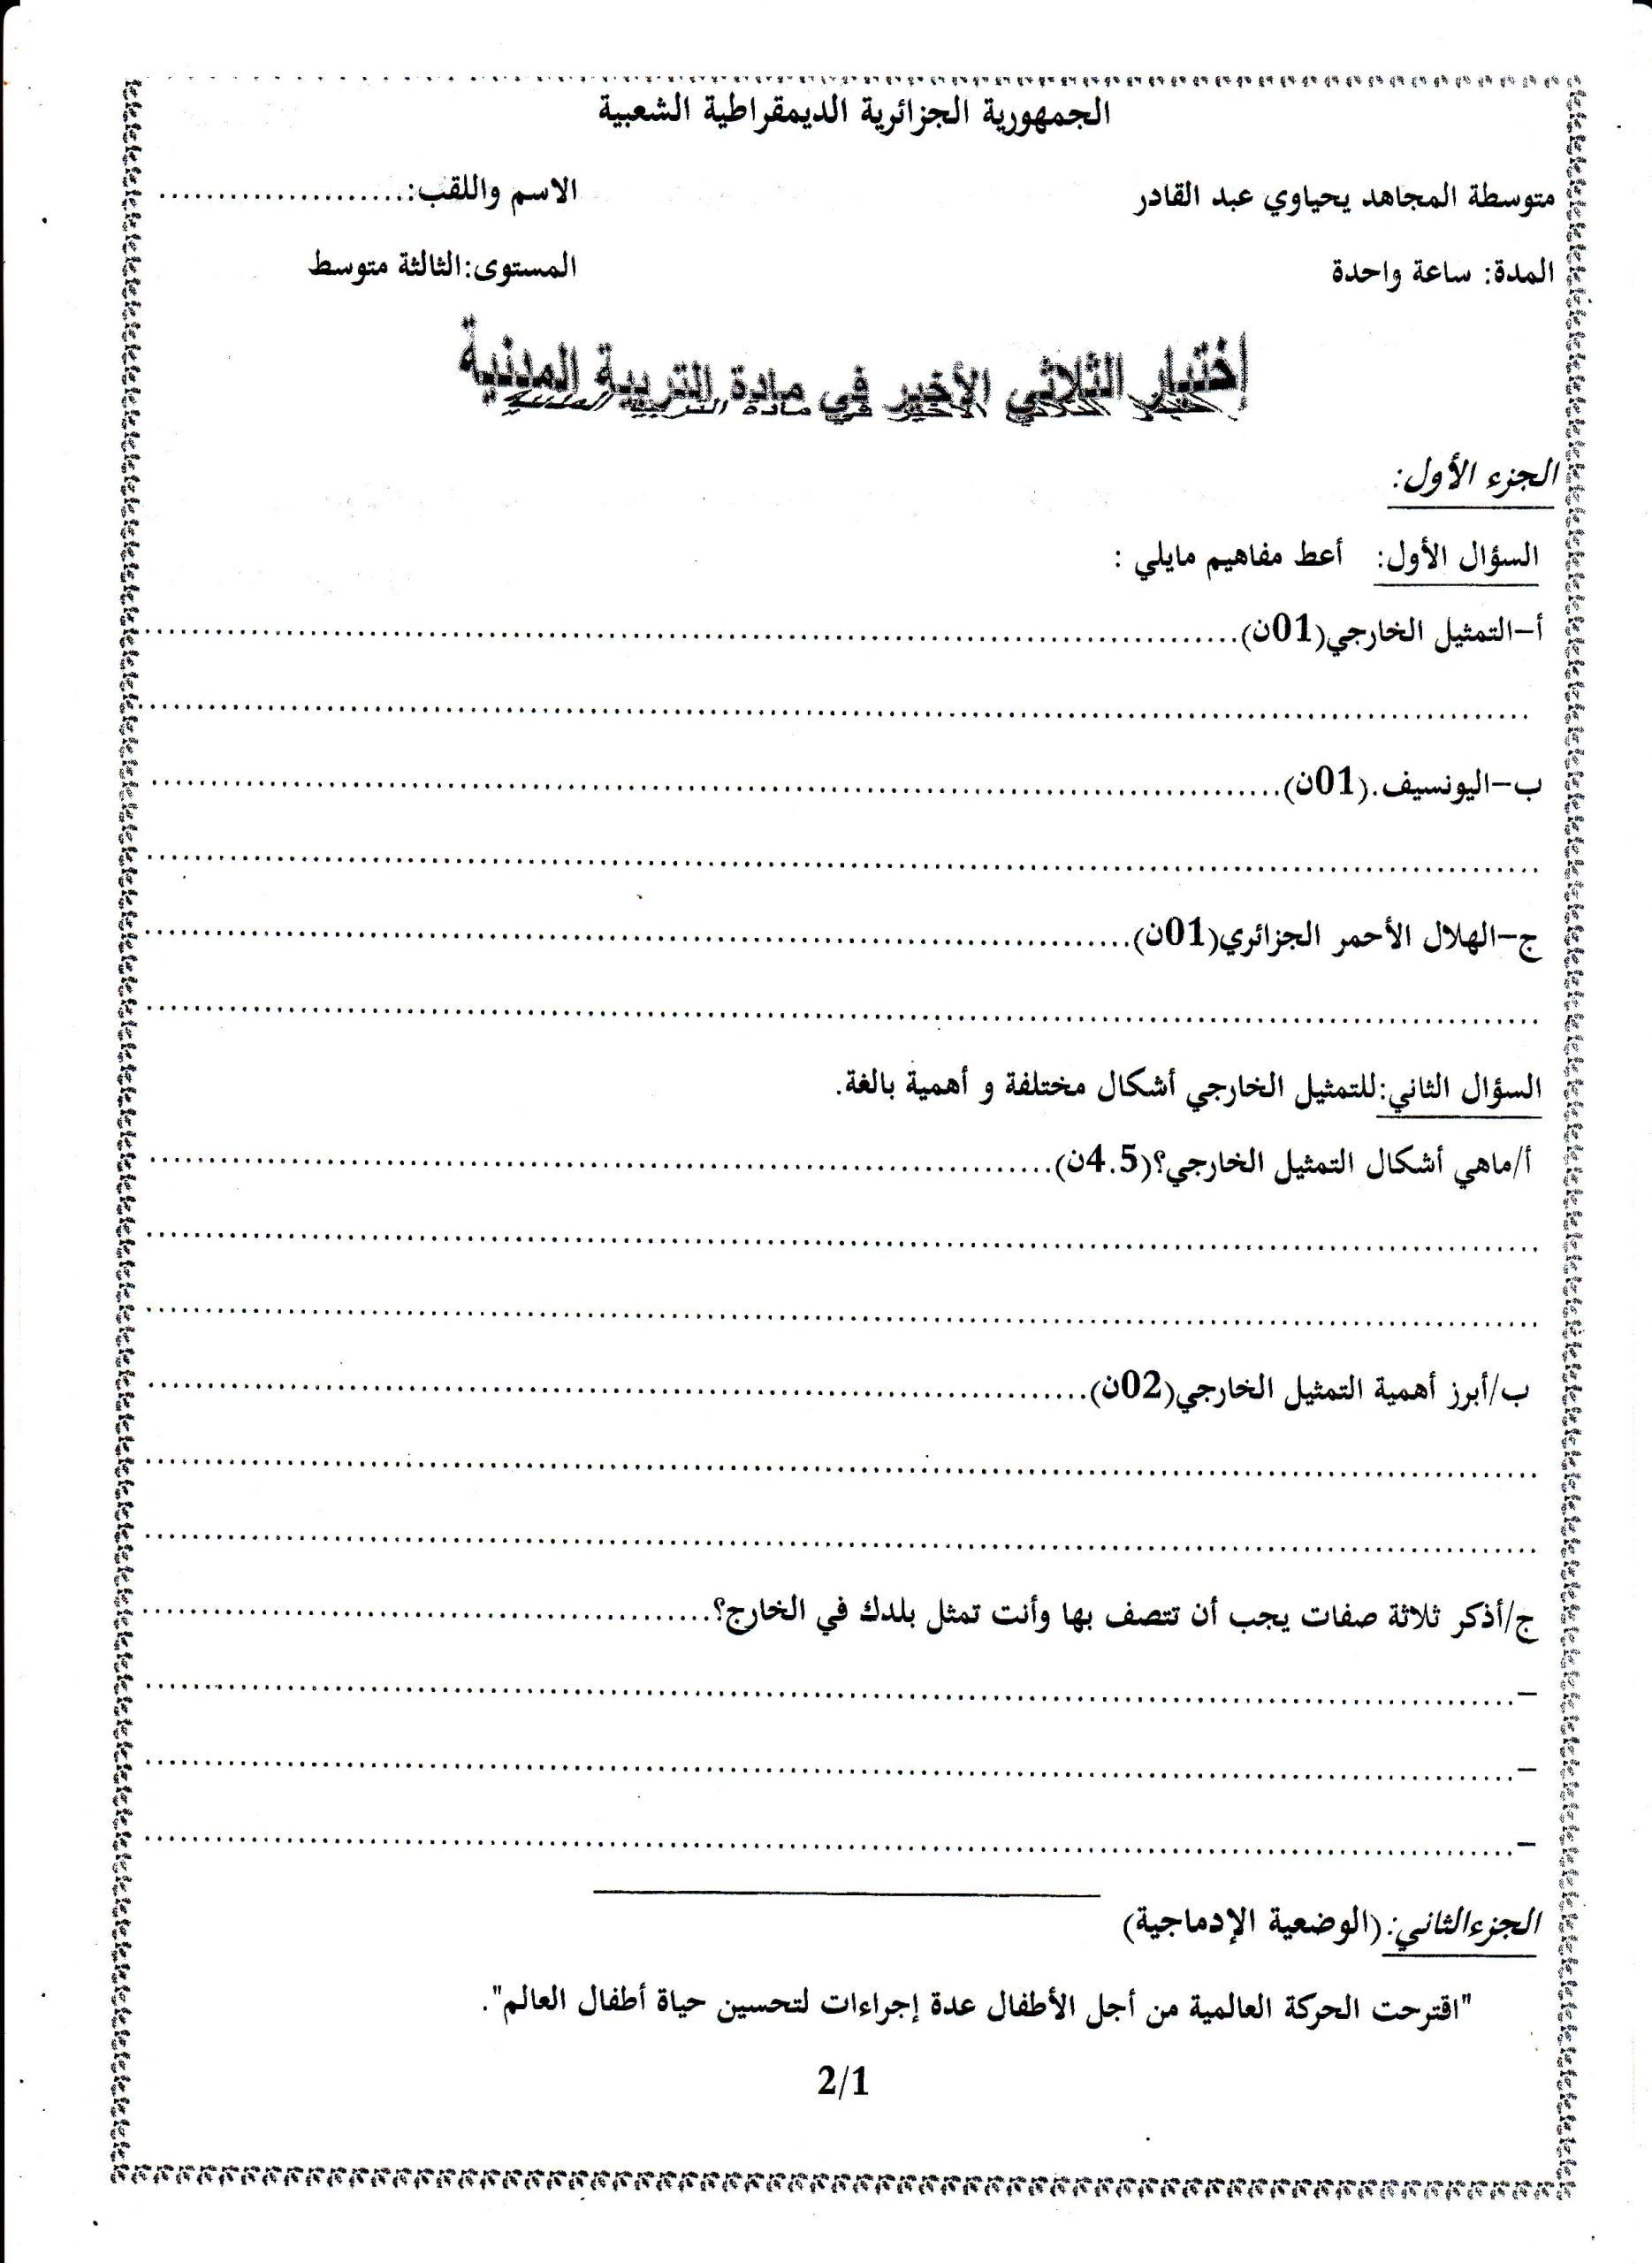 اختبار الفصل الثالث في التربية المدنية السنة الثالثة متوسط | الموضوع 03